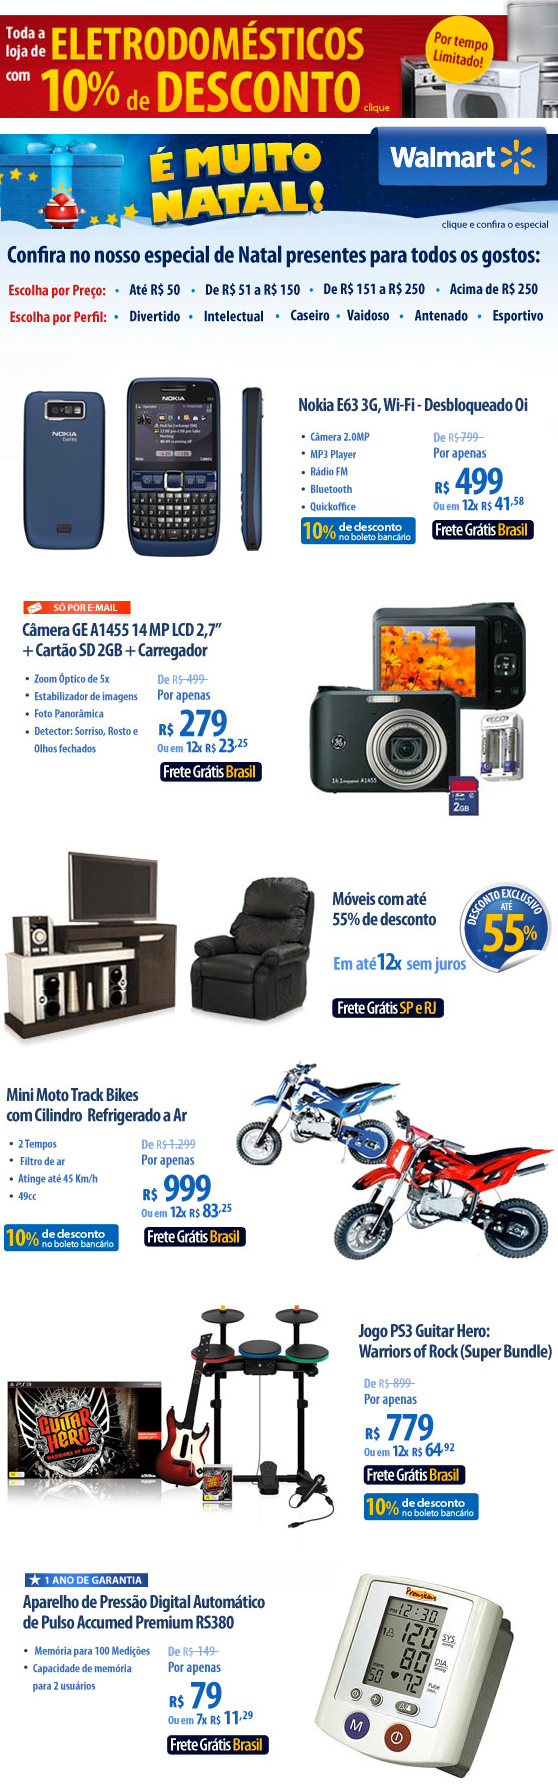 camera-14-MP-279-reais-natal-2010-walmart